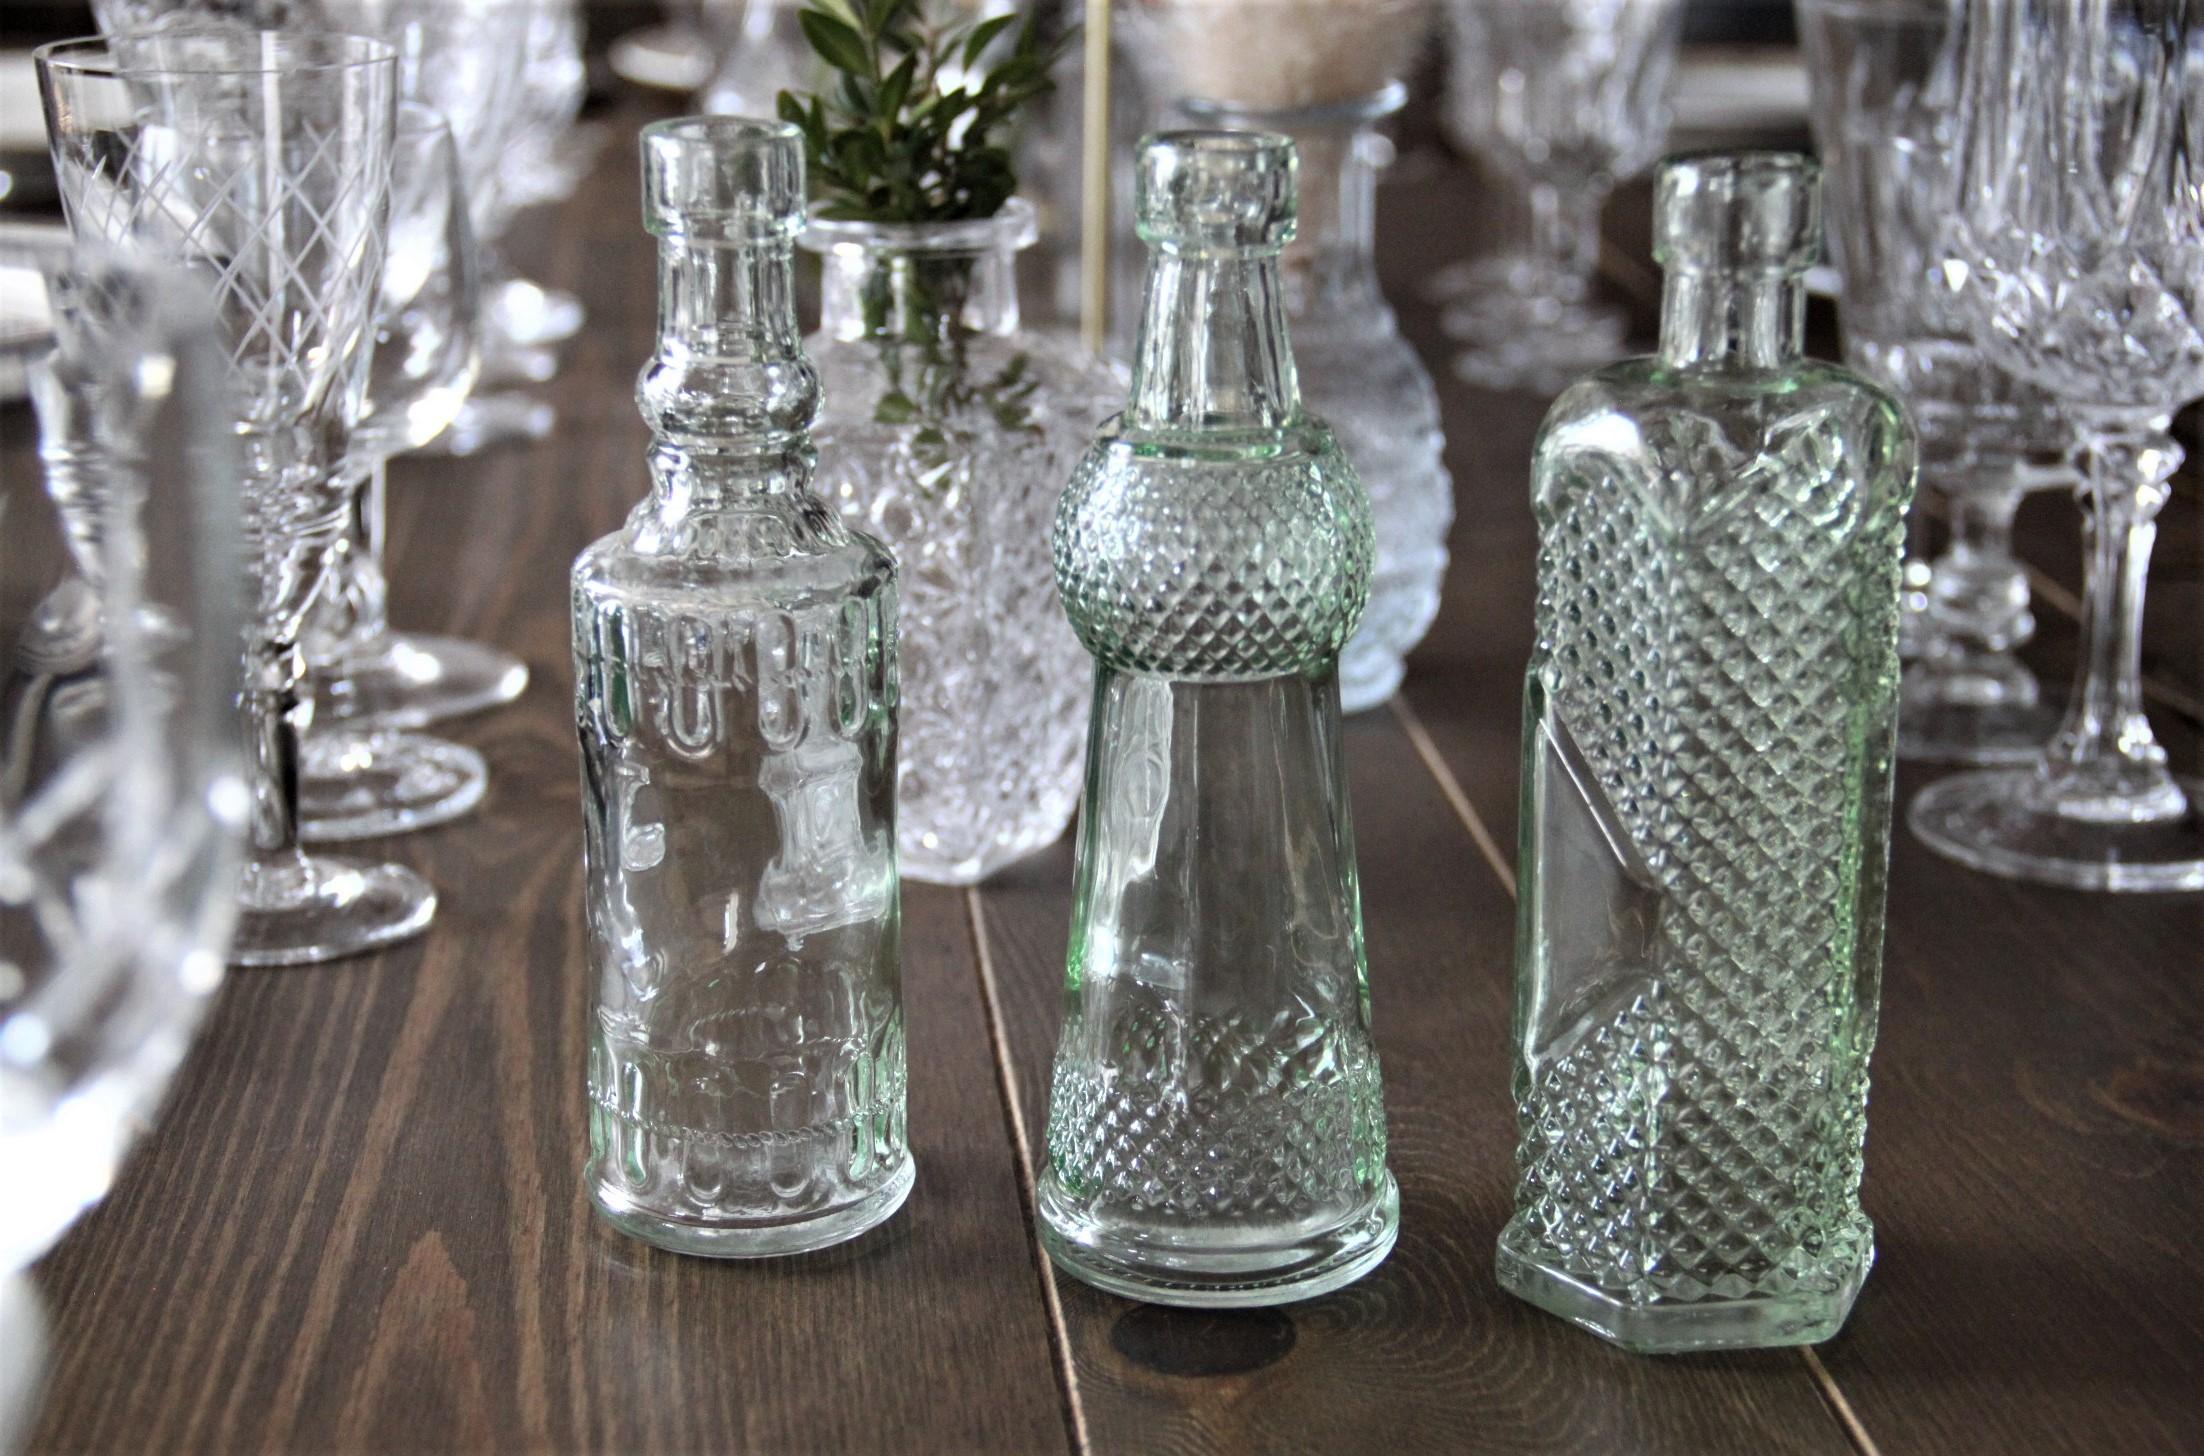 Petits vases déco vintage (lot de 3) teinte vert